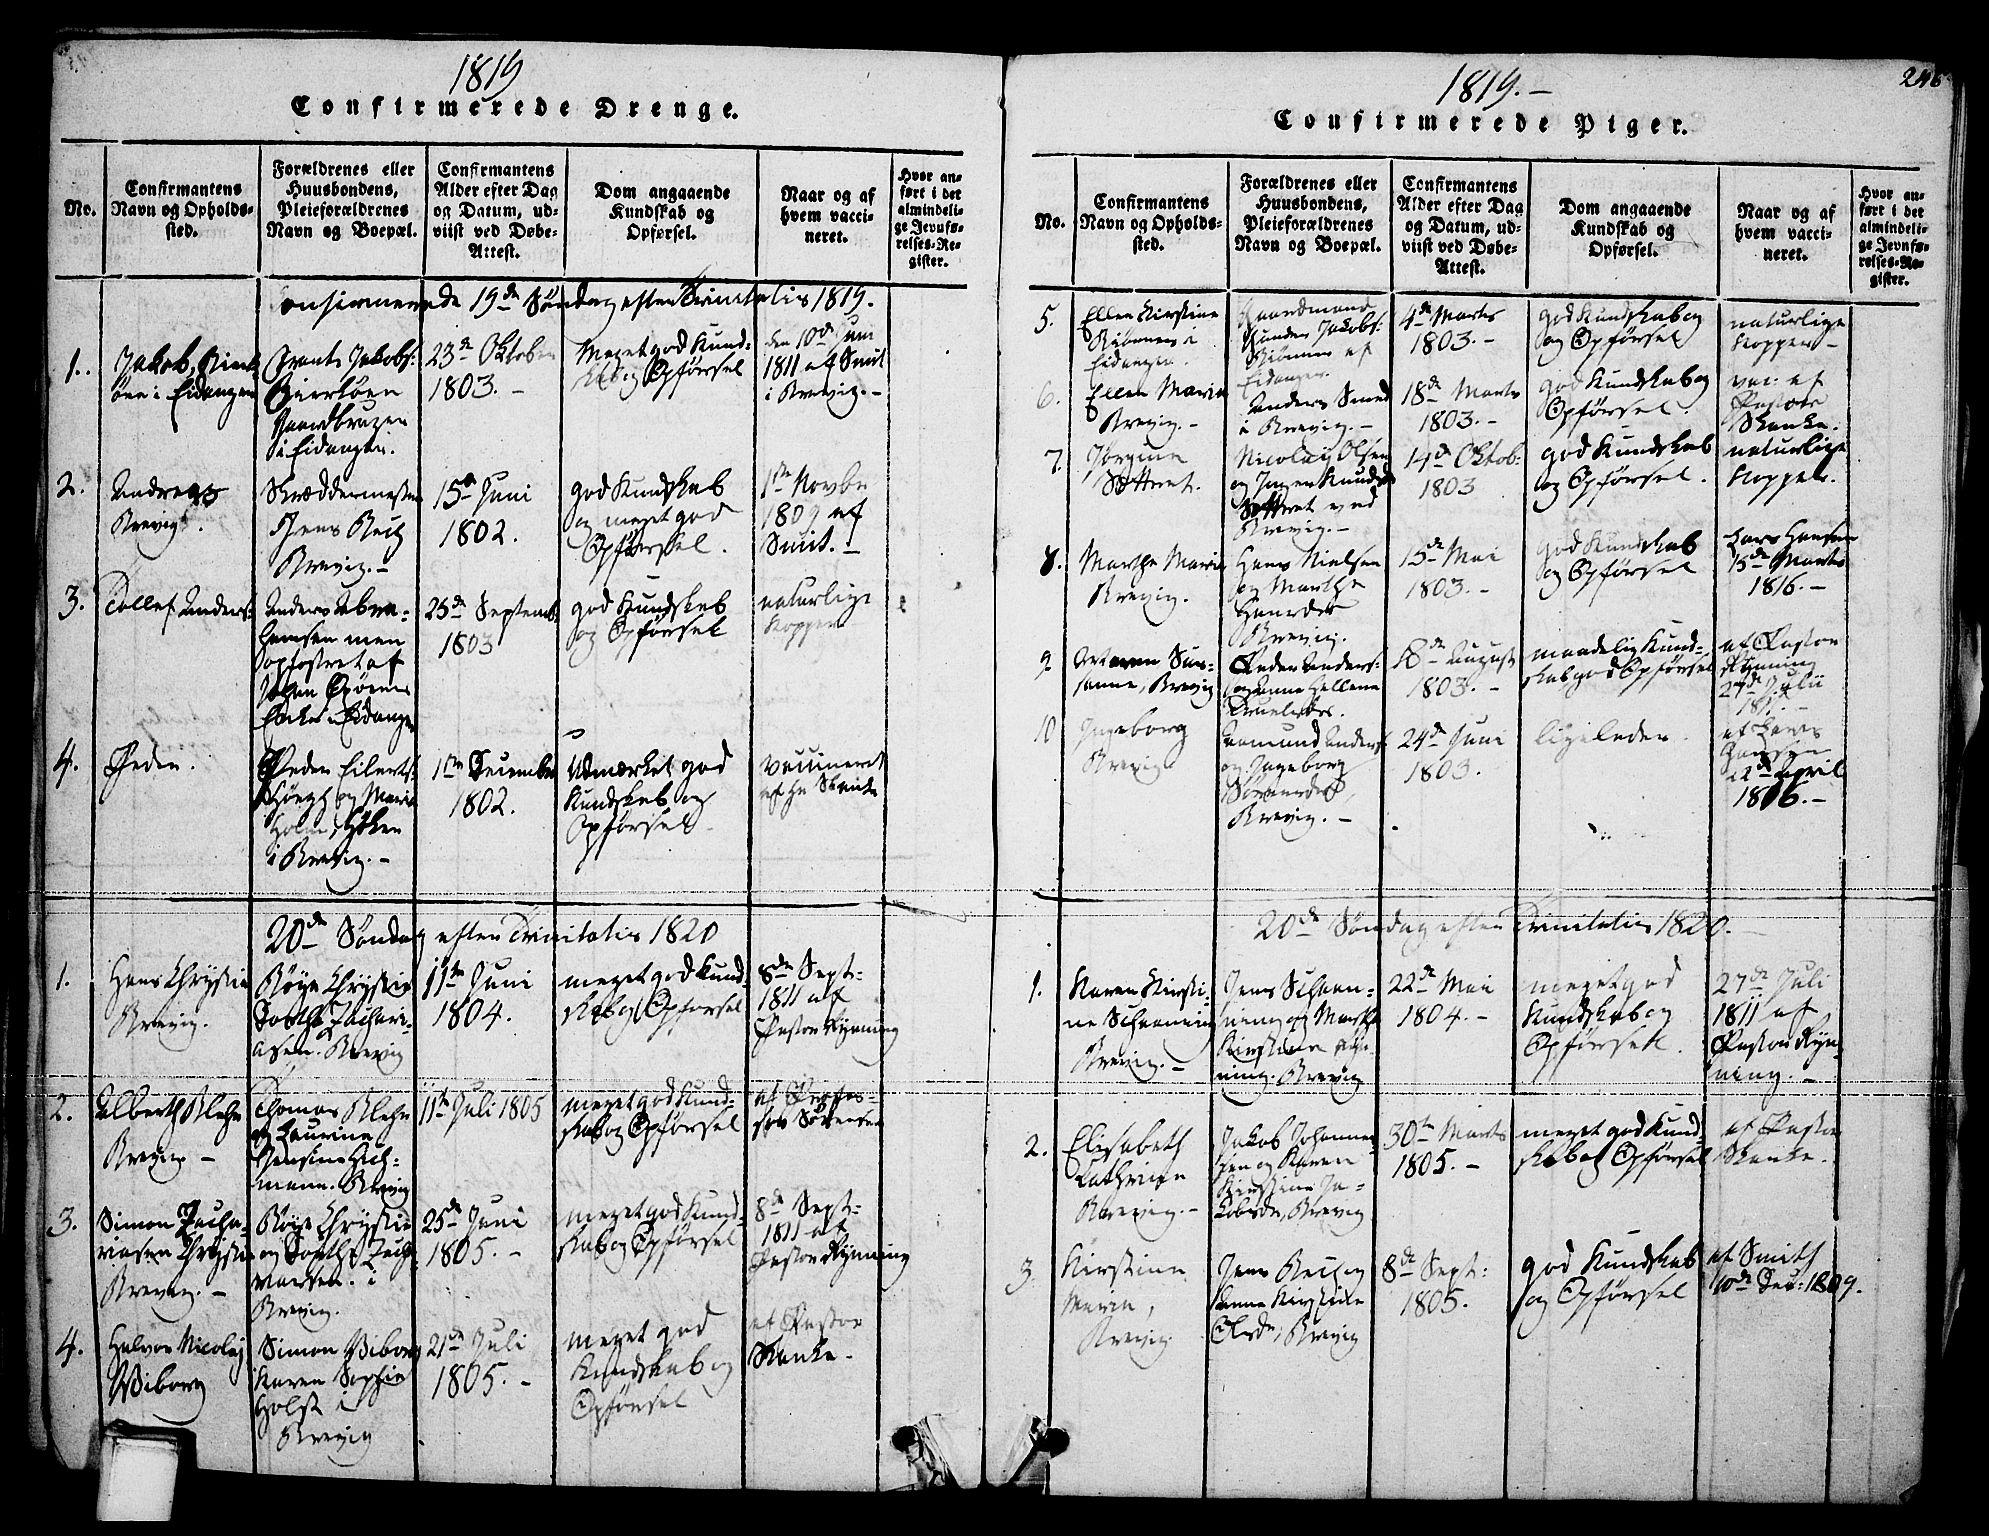 SAKO, Brevik kirkebøker, F/Fa/L0004: Ministerialbok nr. 4, 1814-1846, s. 246